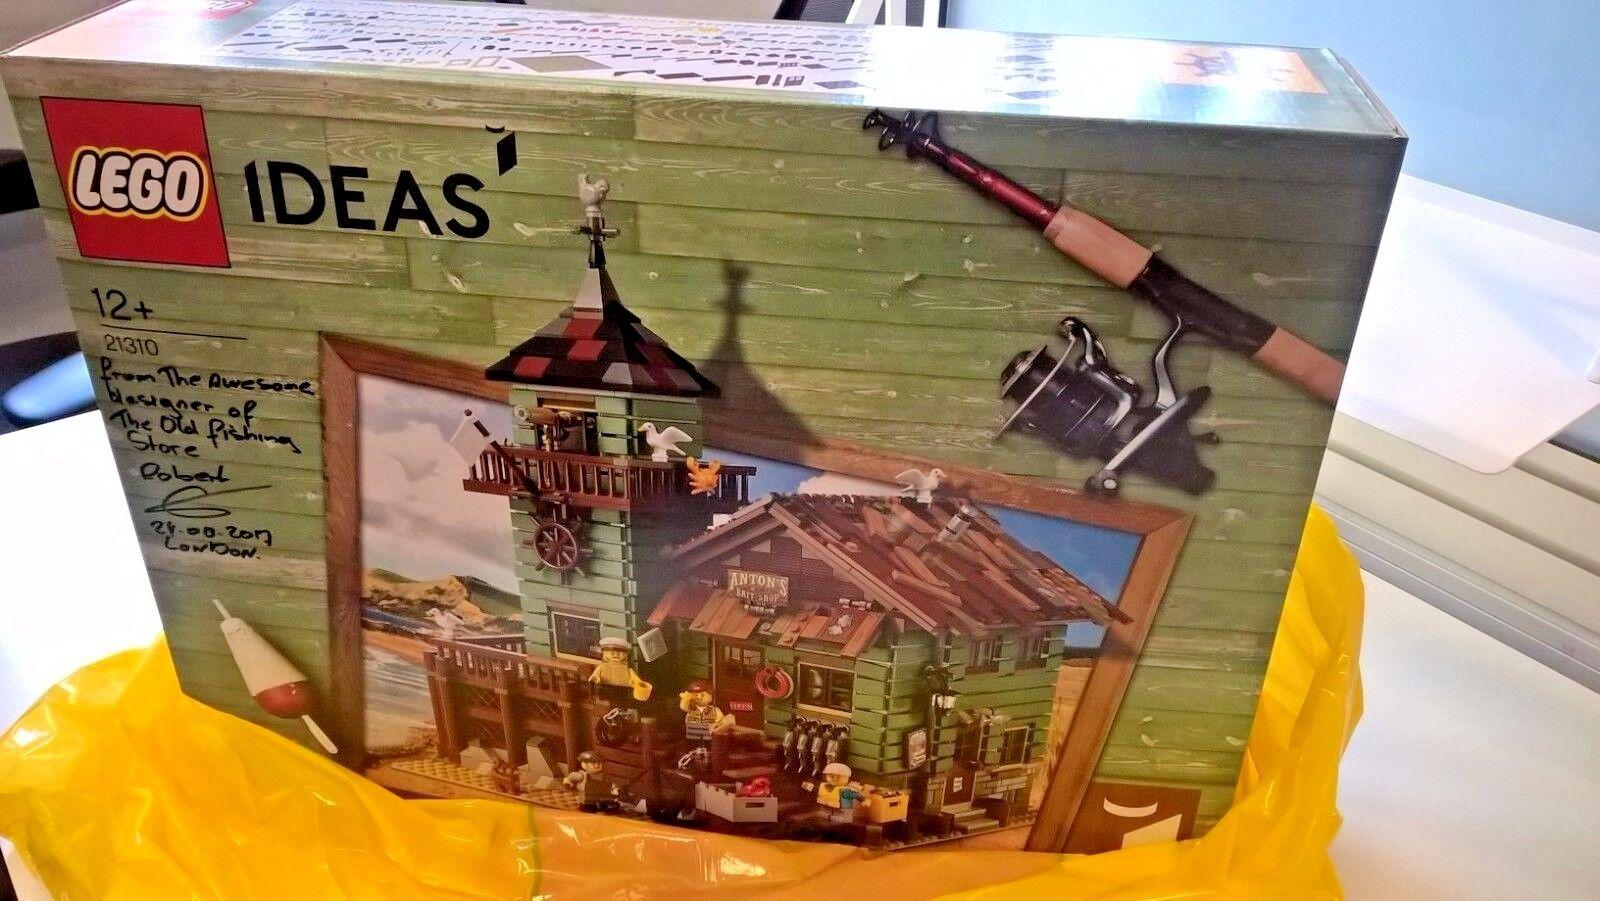 De Superbe Old 21310 Lego Idées Signé Avec Noel Message Fishing MVqSUzpG